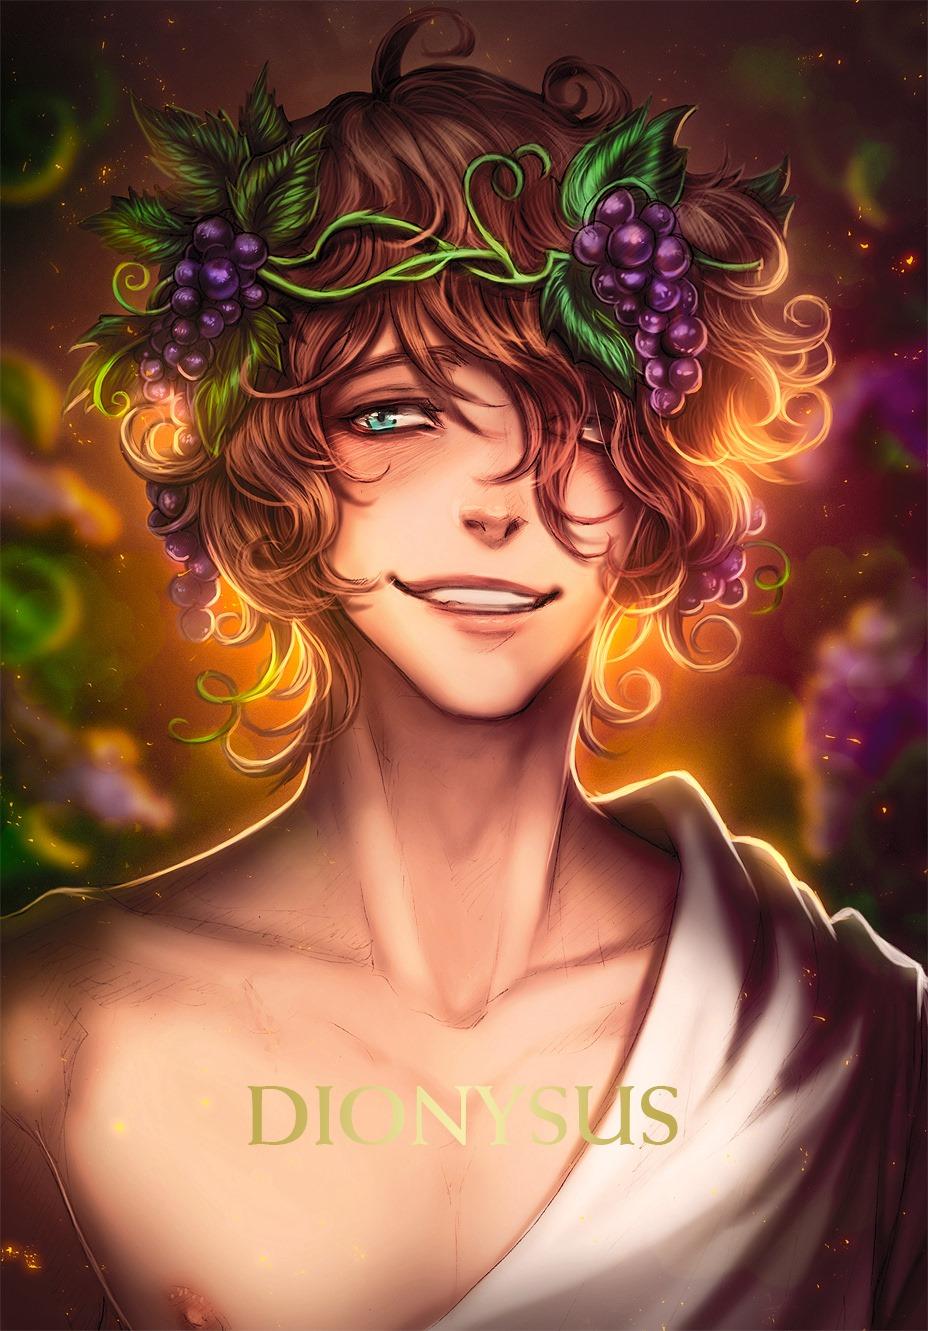 Dionysus - vị thần mang vẻ đẹp phi giới tính - biểu tượng của sự phi định kiến và nổi loạn